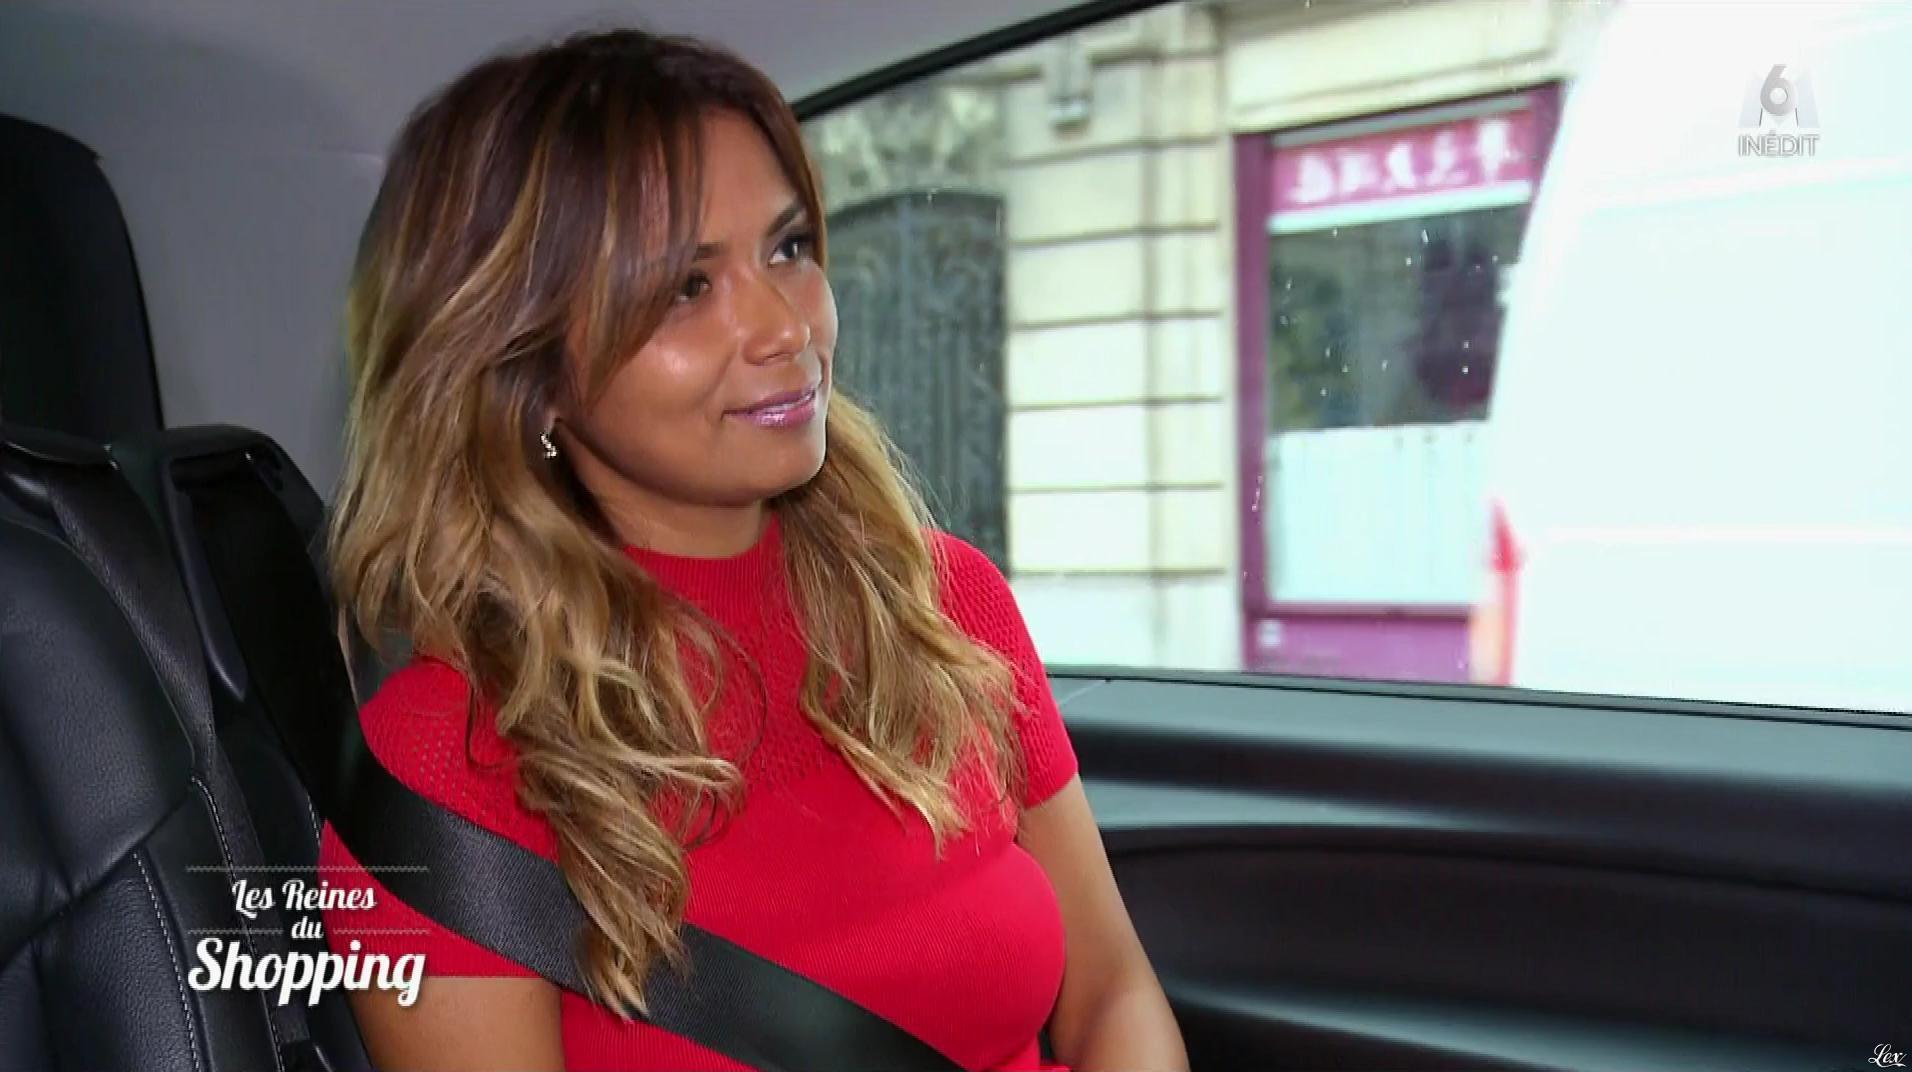 Une Candidate dans les Reines du Shopping. Diffusé à la télévision le 17/09/18.